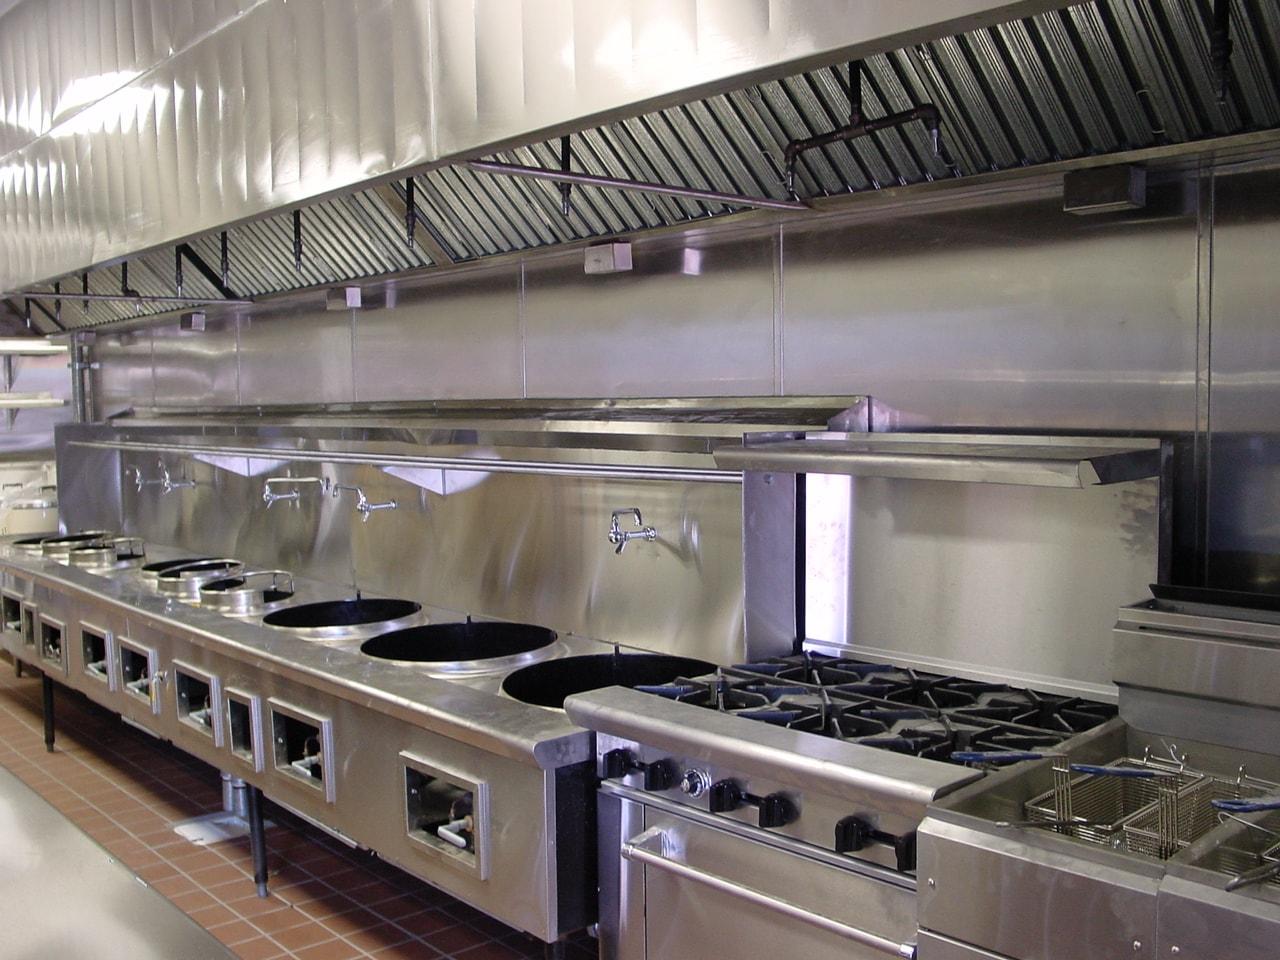 Bếp ga công nghiệp được sử dụng rộng rãi tại nhà bếp các nhà hàng